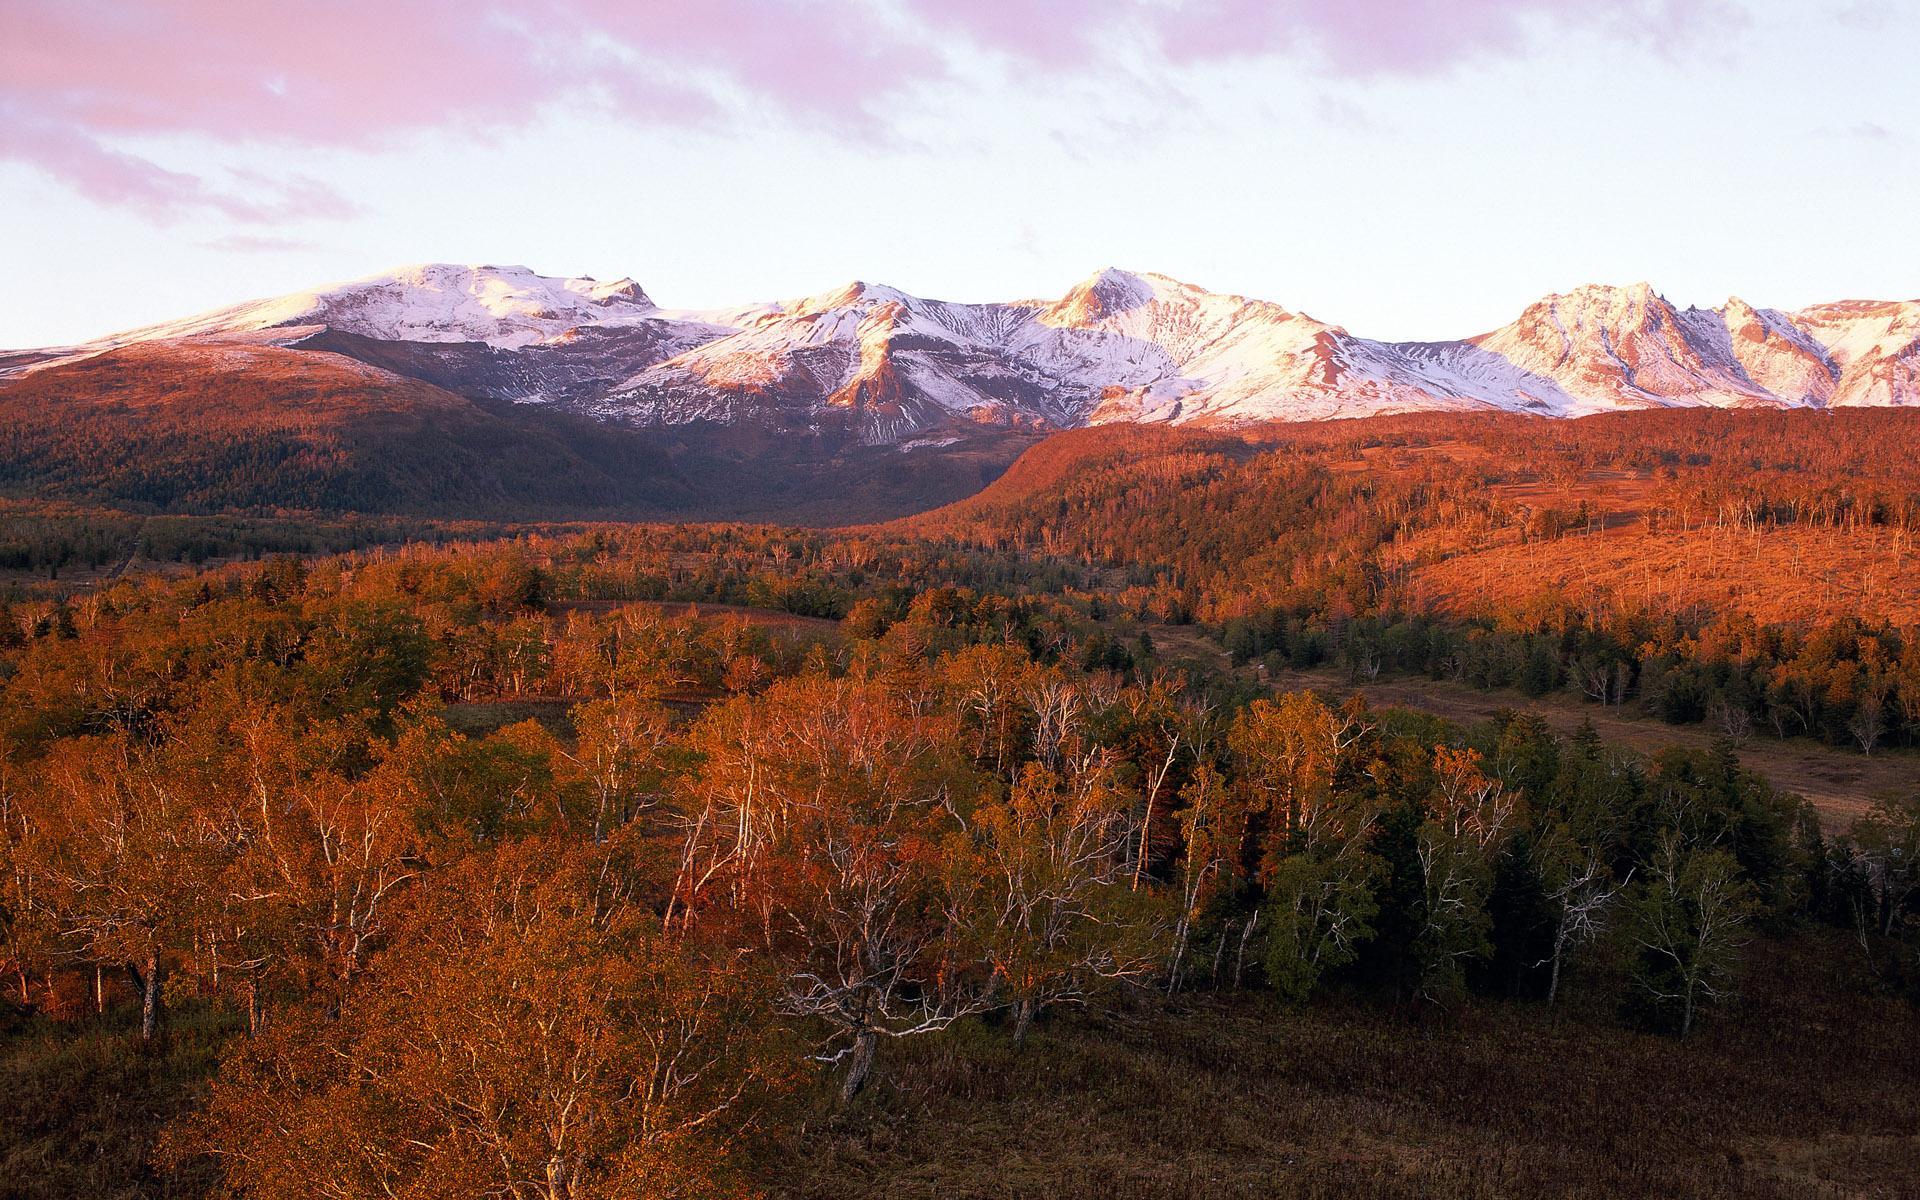 山水风景桌面壁纸宽屏 优美山水大自然风景宽屏壁纸大全